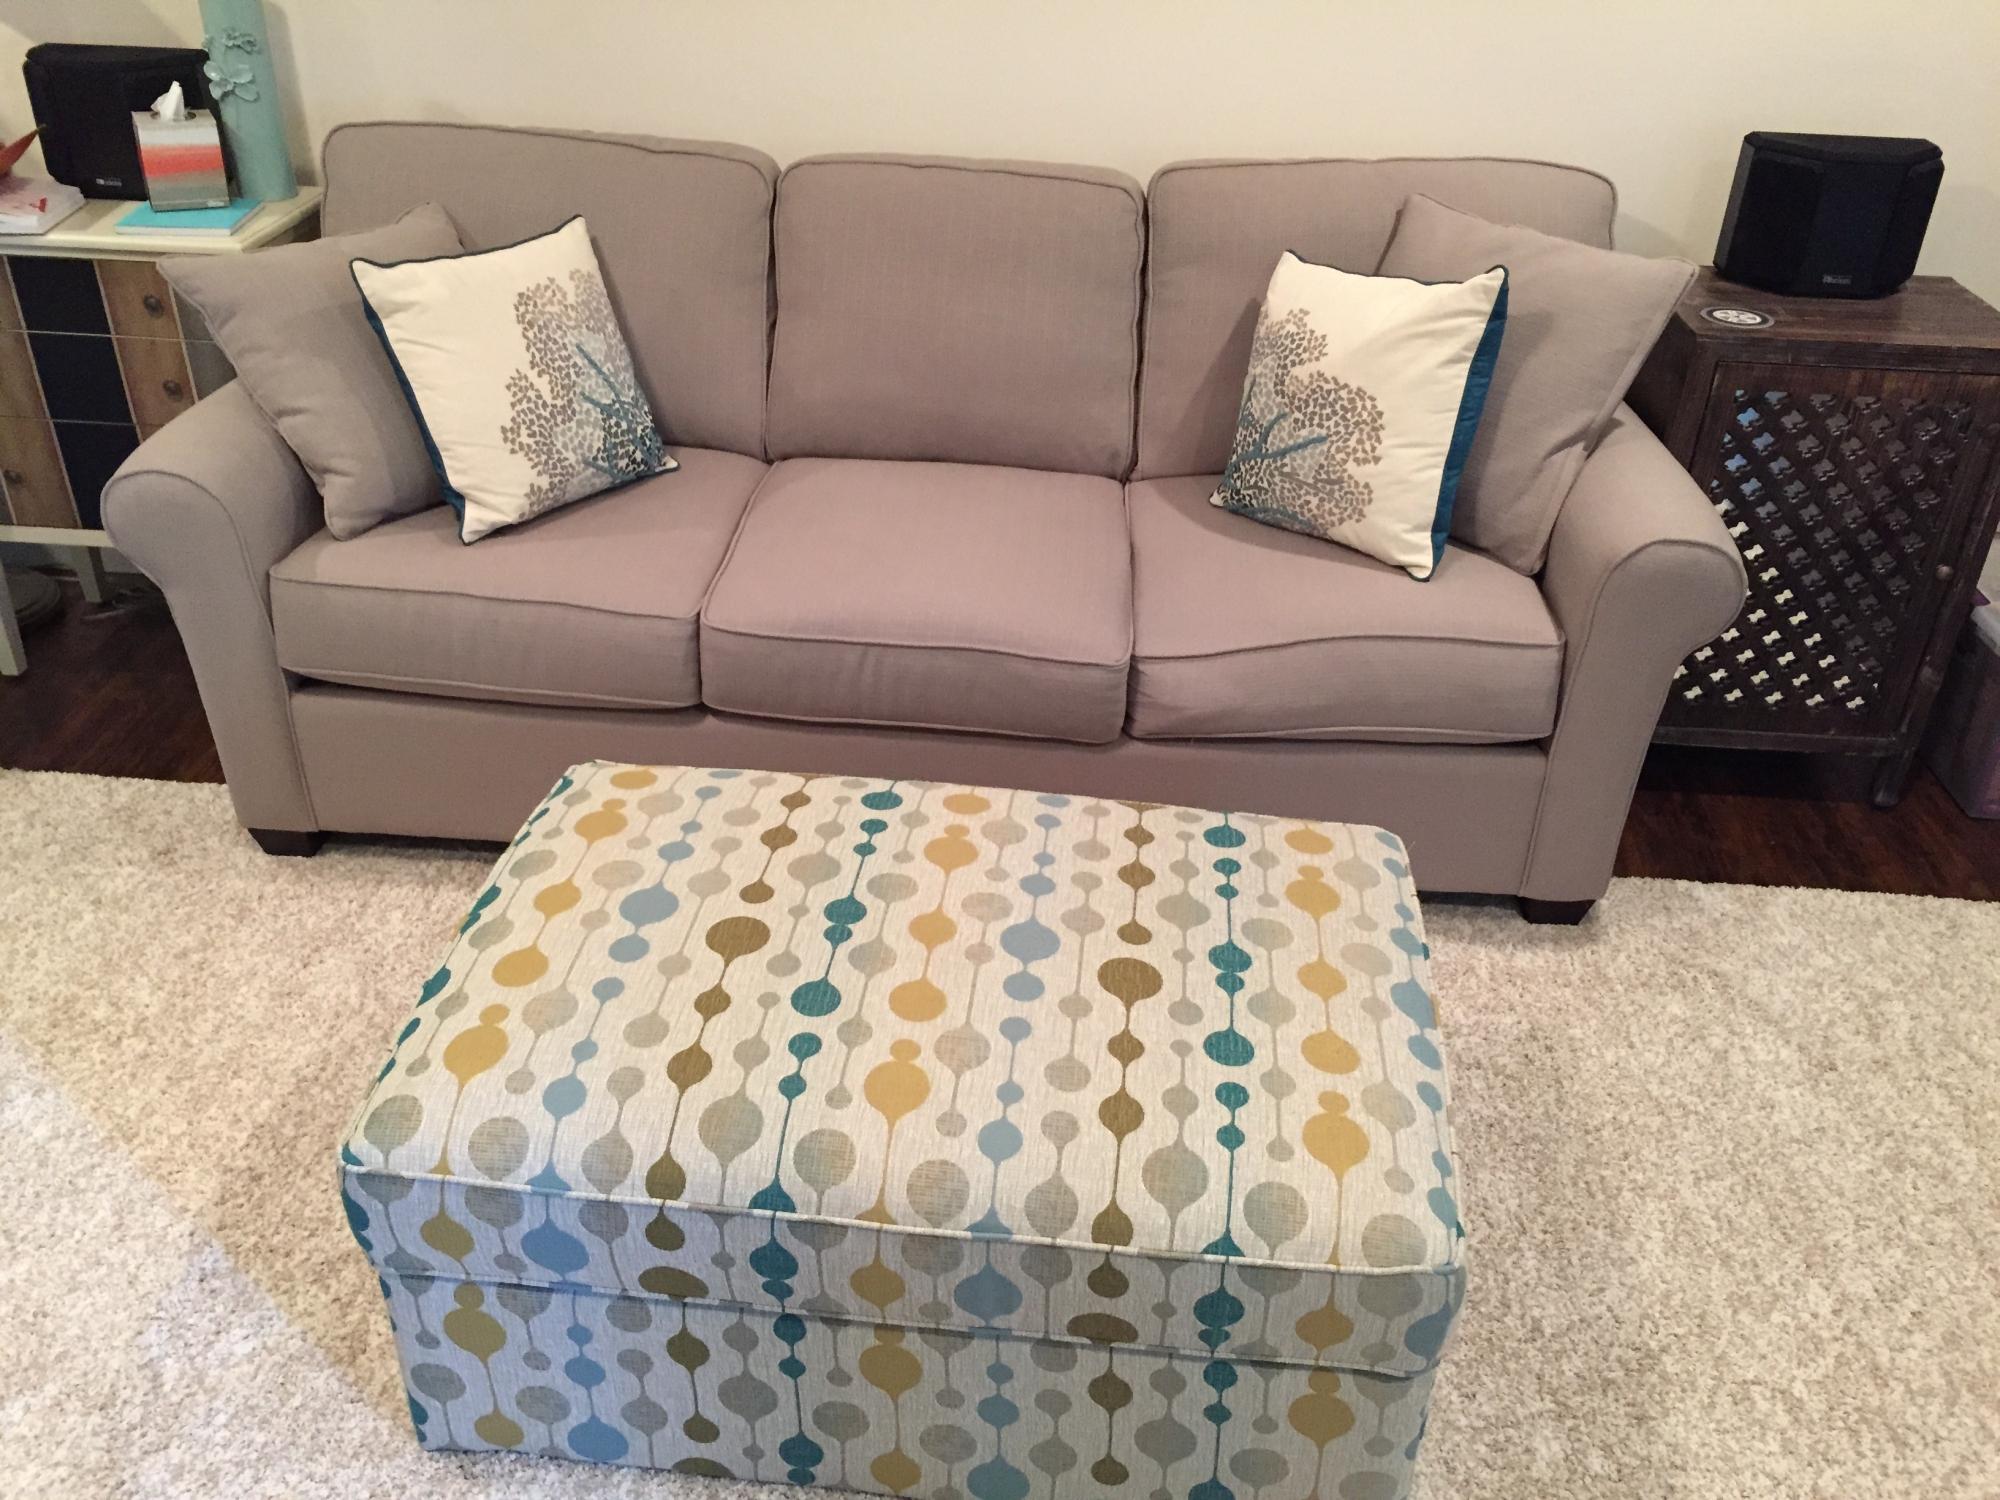 Adam's New Furniture